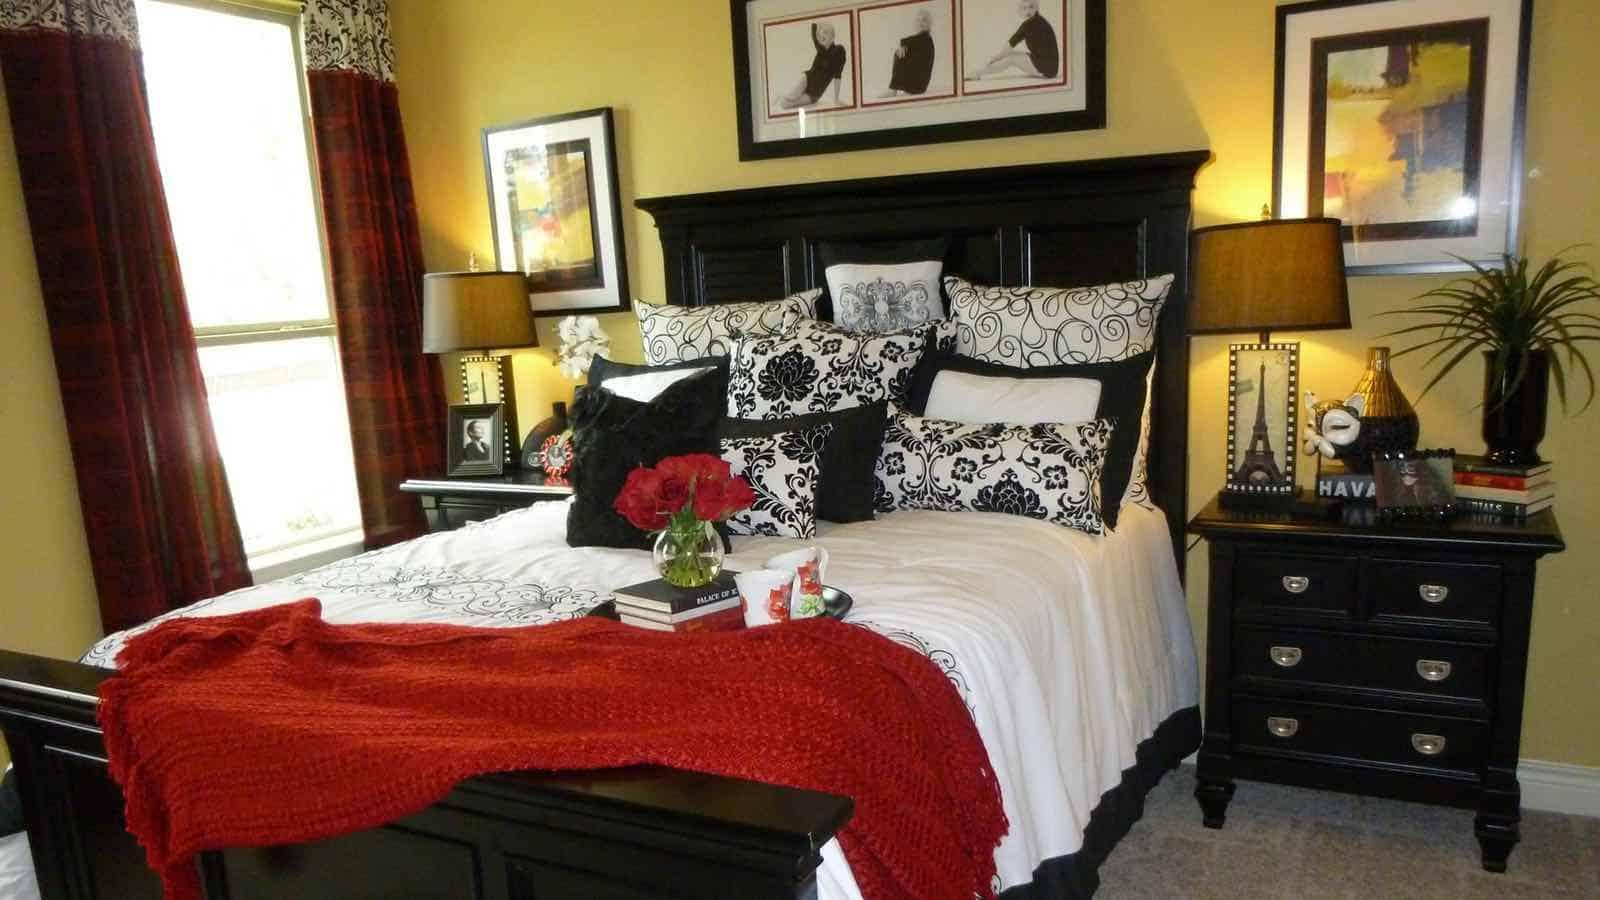 Es Gibt Viele Möglichkeiten Ein Romantisches Schalfzimmer Zu Dekorieren Und  Gestalten